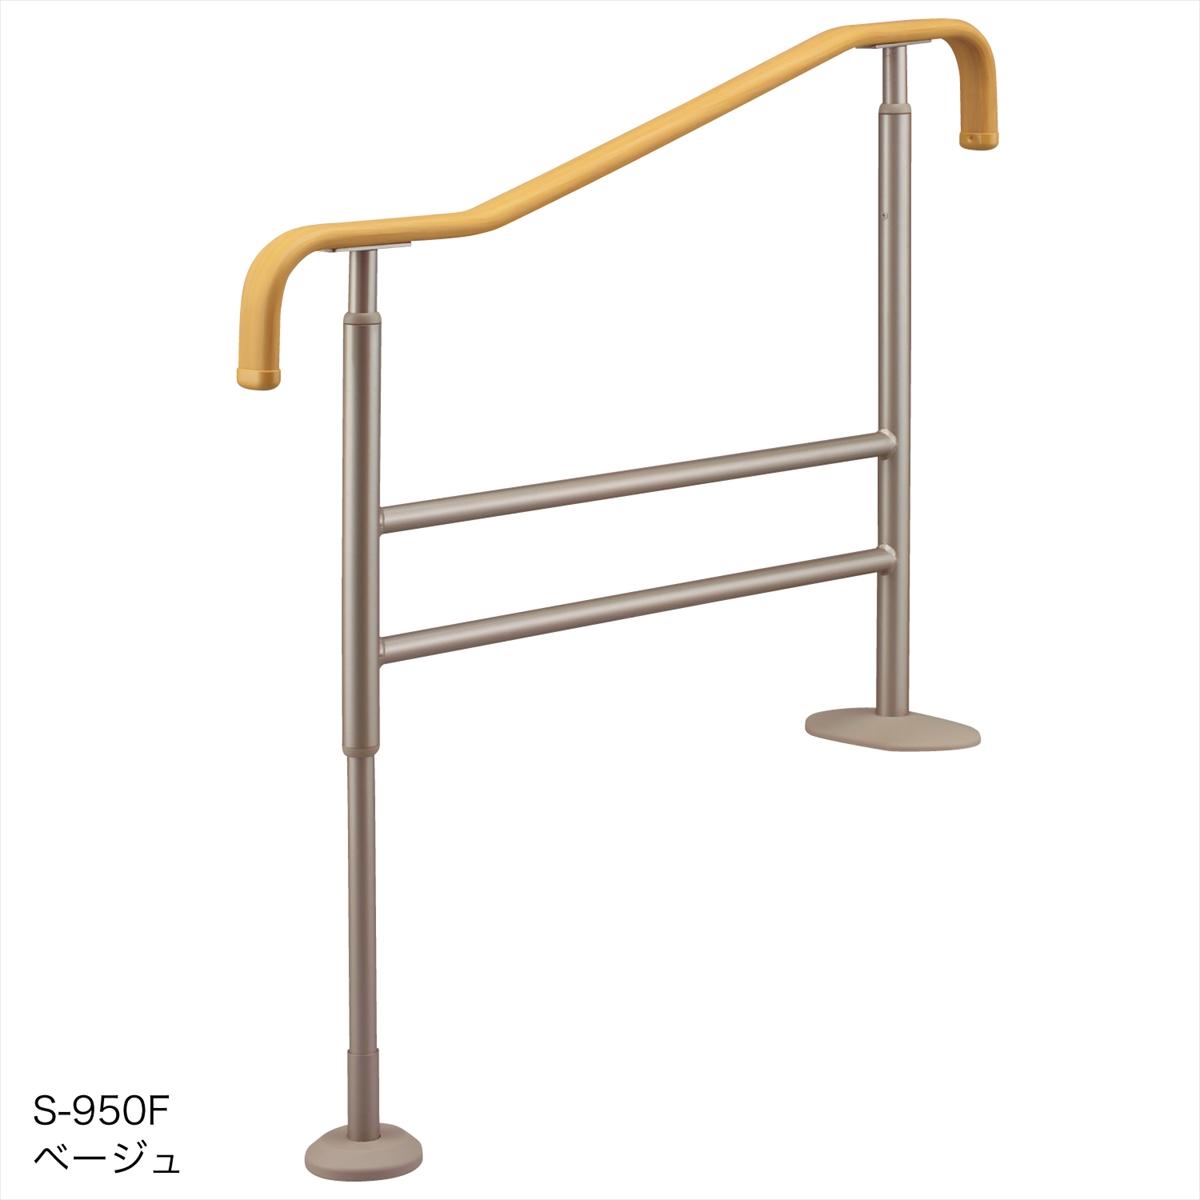 [アロン化成]安寿 上がりかまち用手すり フラット型固定板 S-950F 531-026